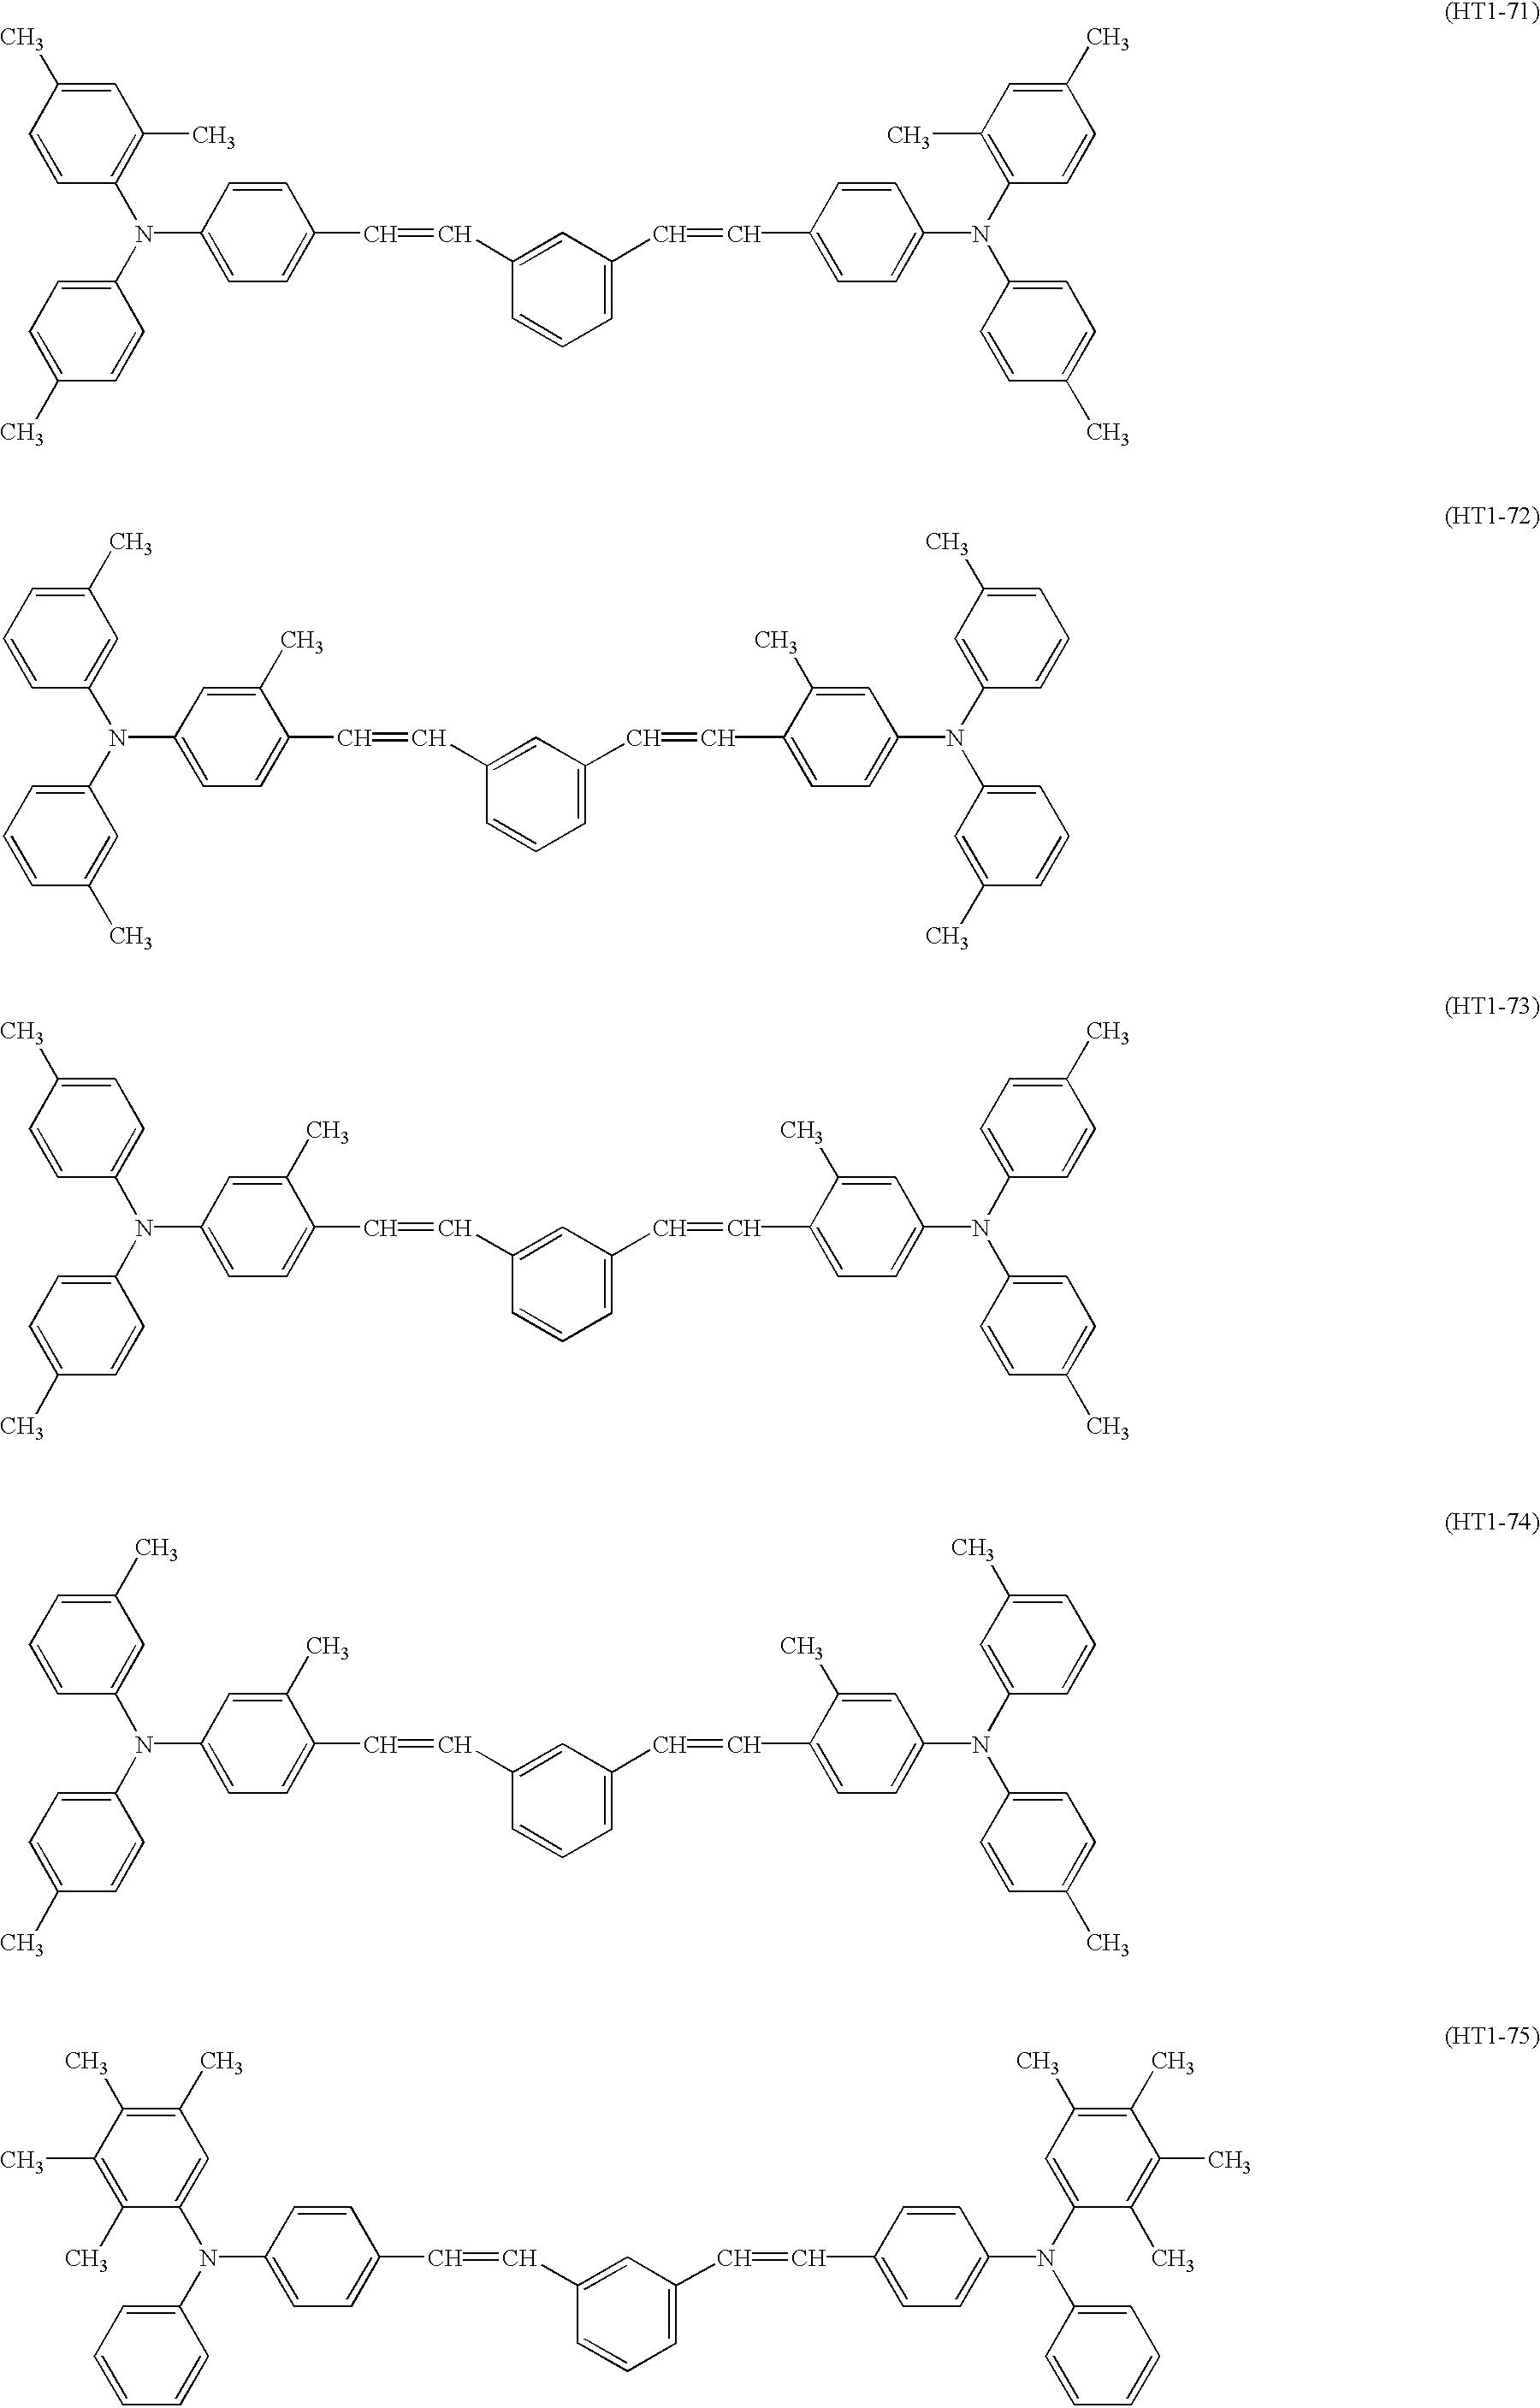 Figure US06485873-20021126-C00071